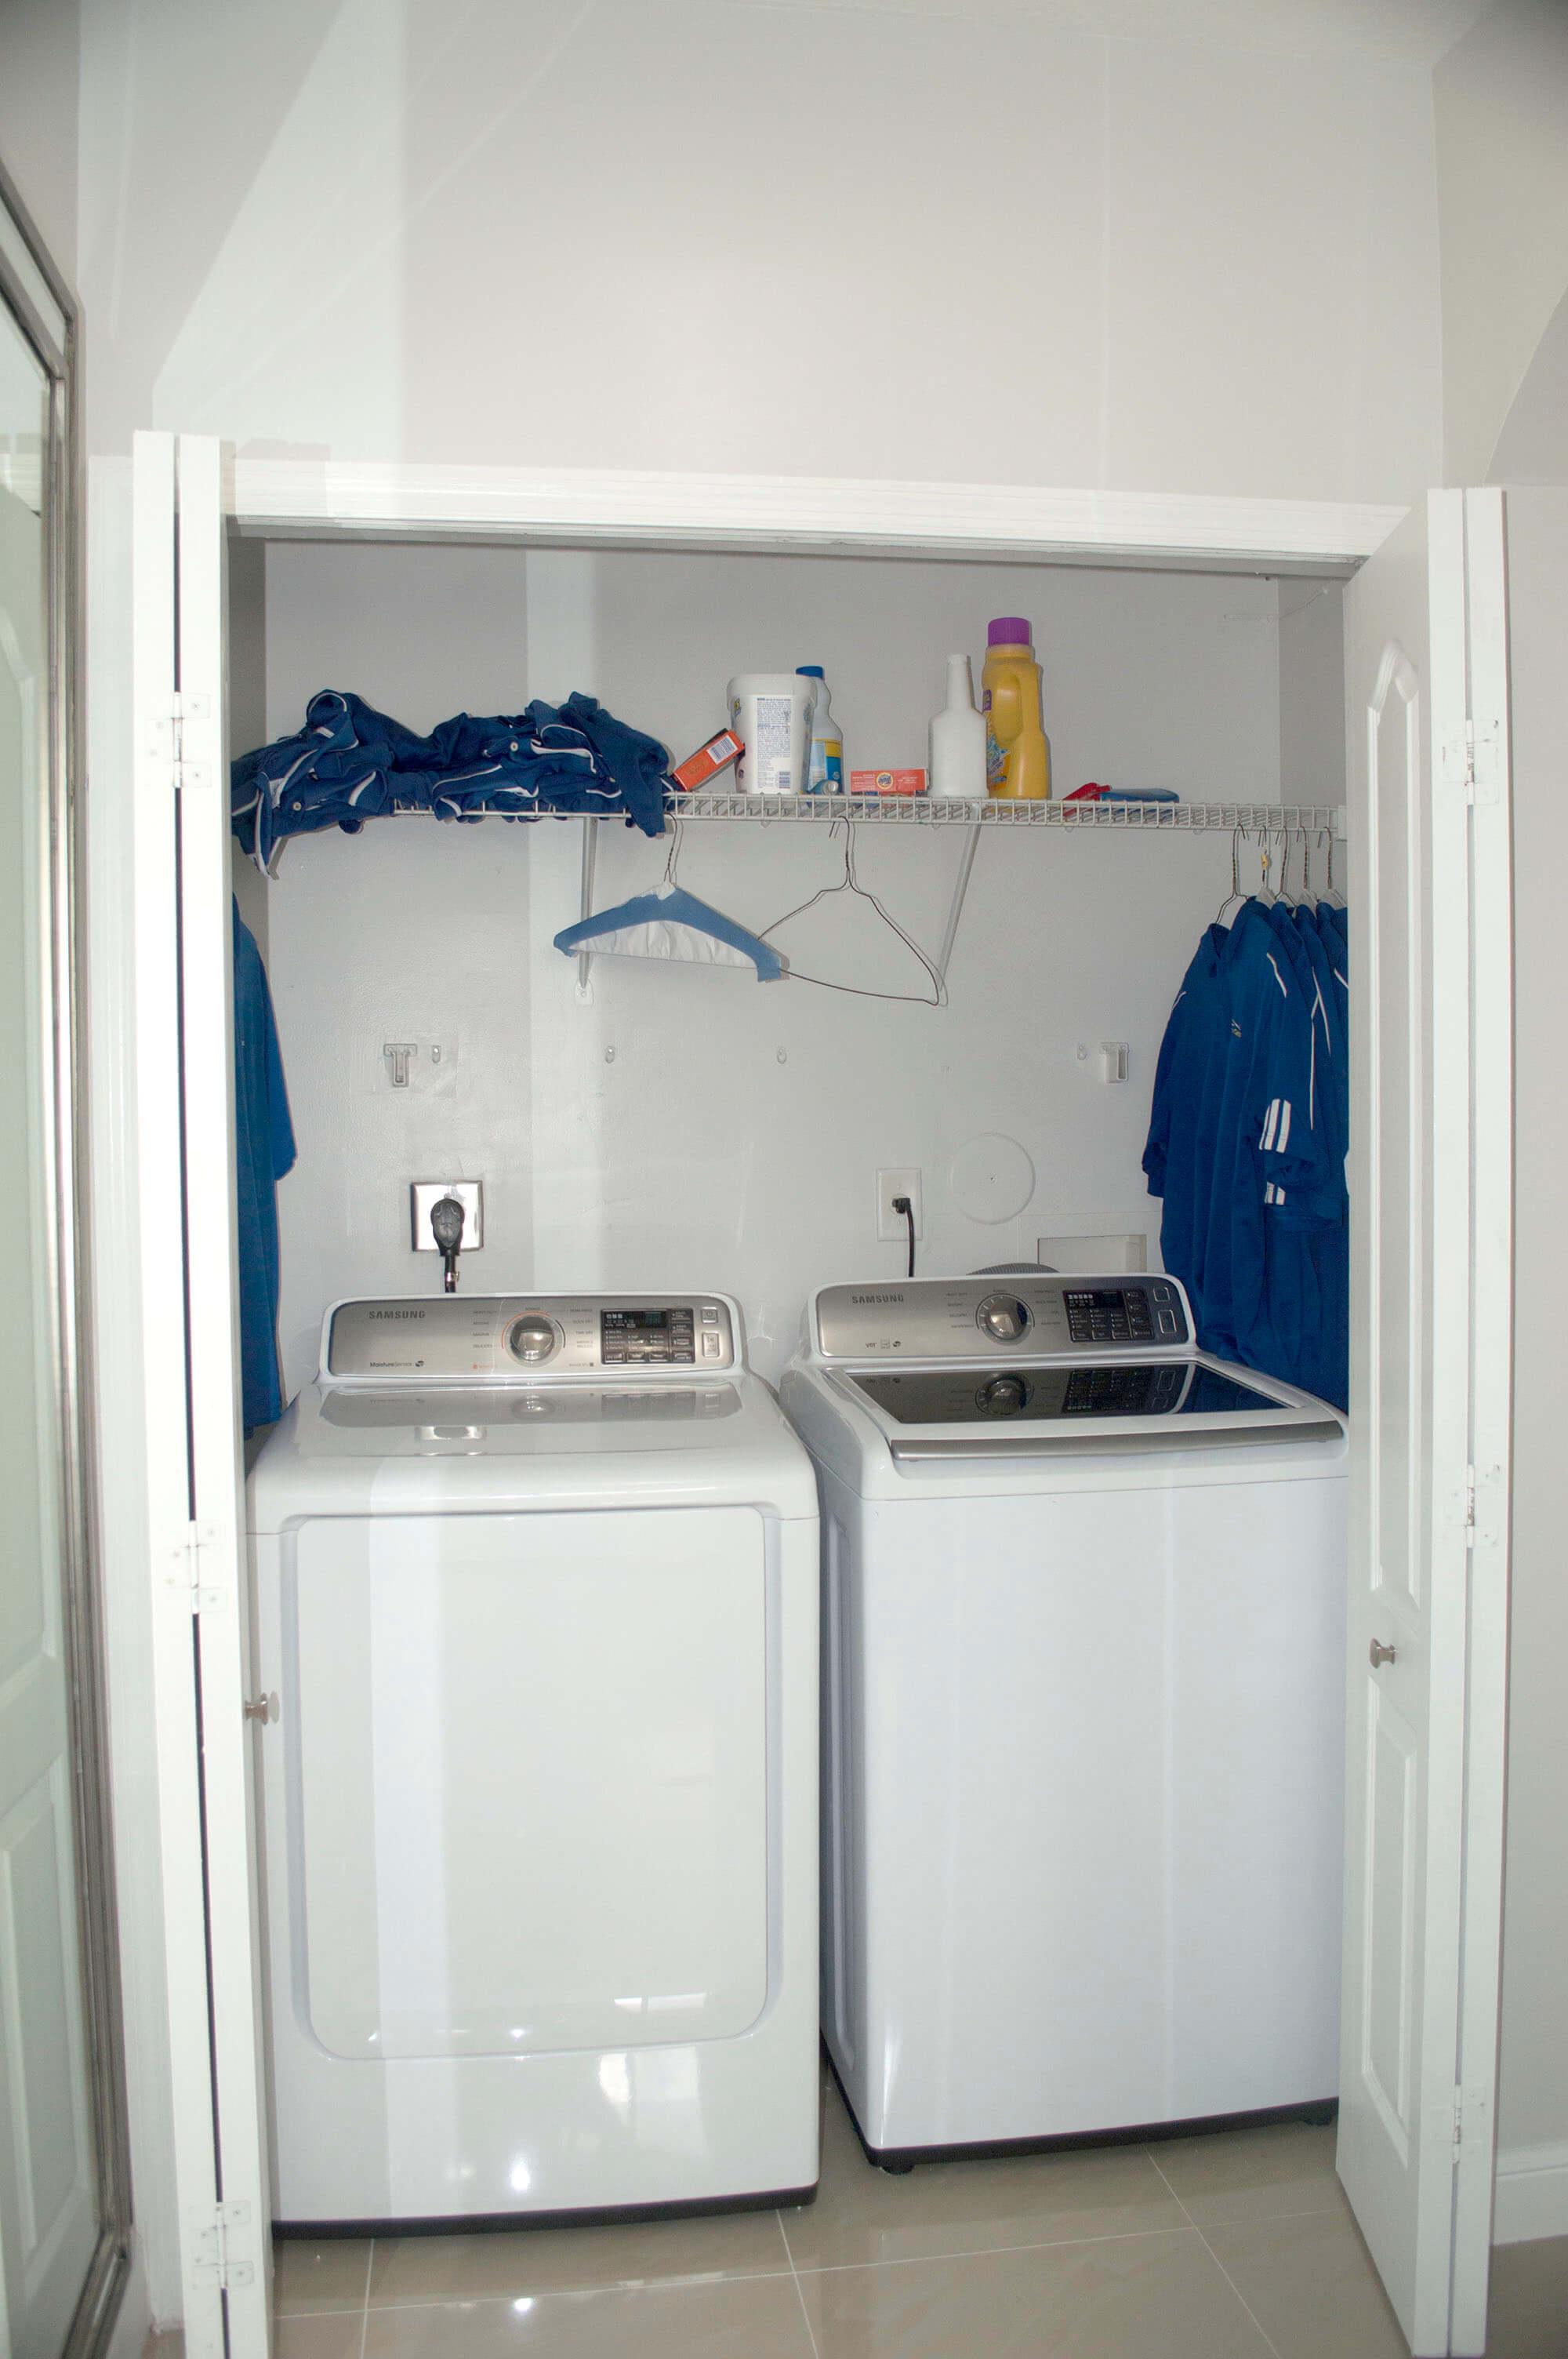 12839-SW-29th-St-Miramar-FL-33017-16-Washer-Dryer.jpg